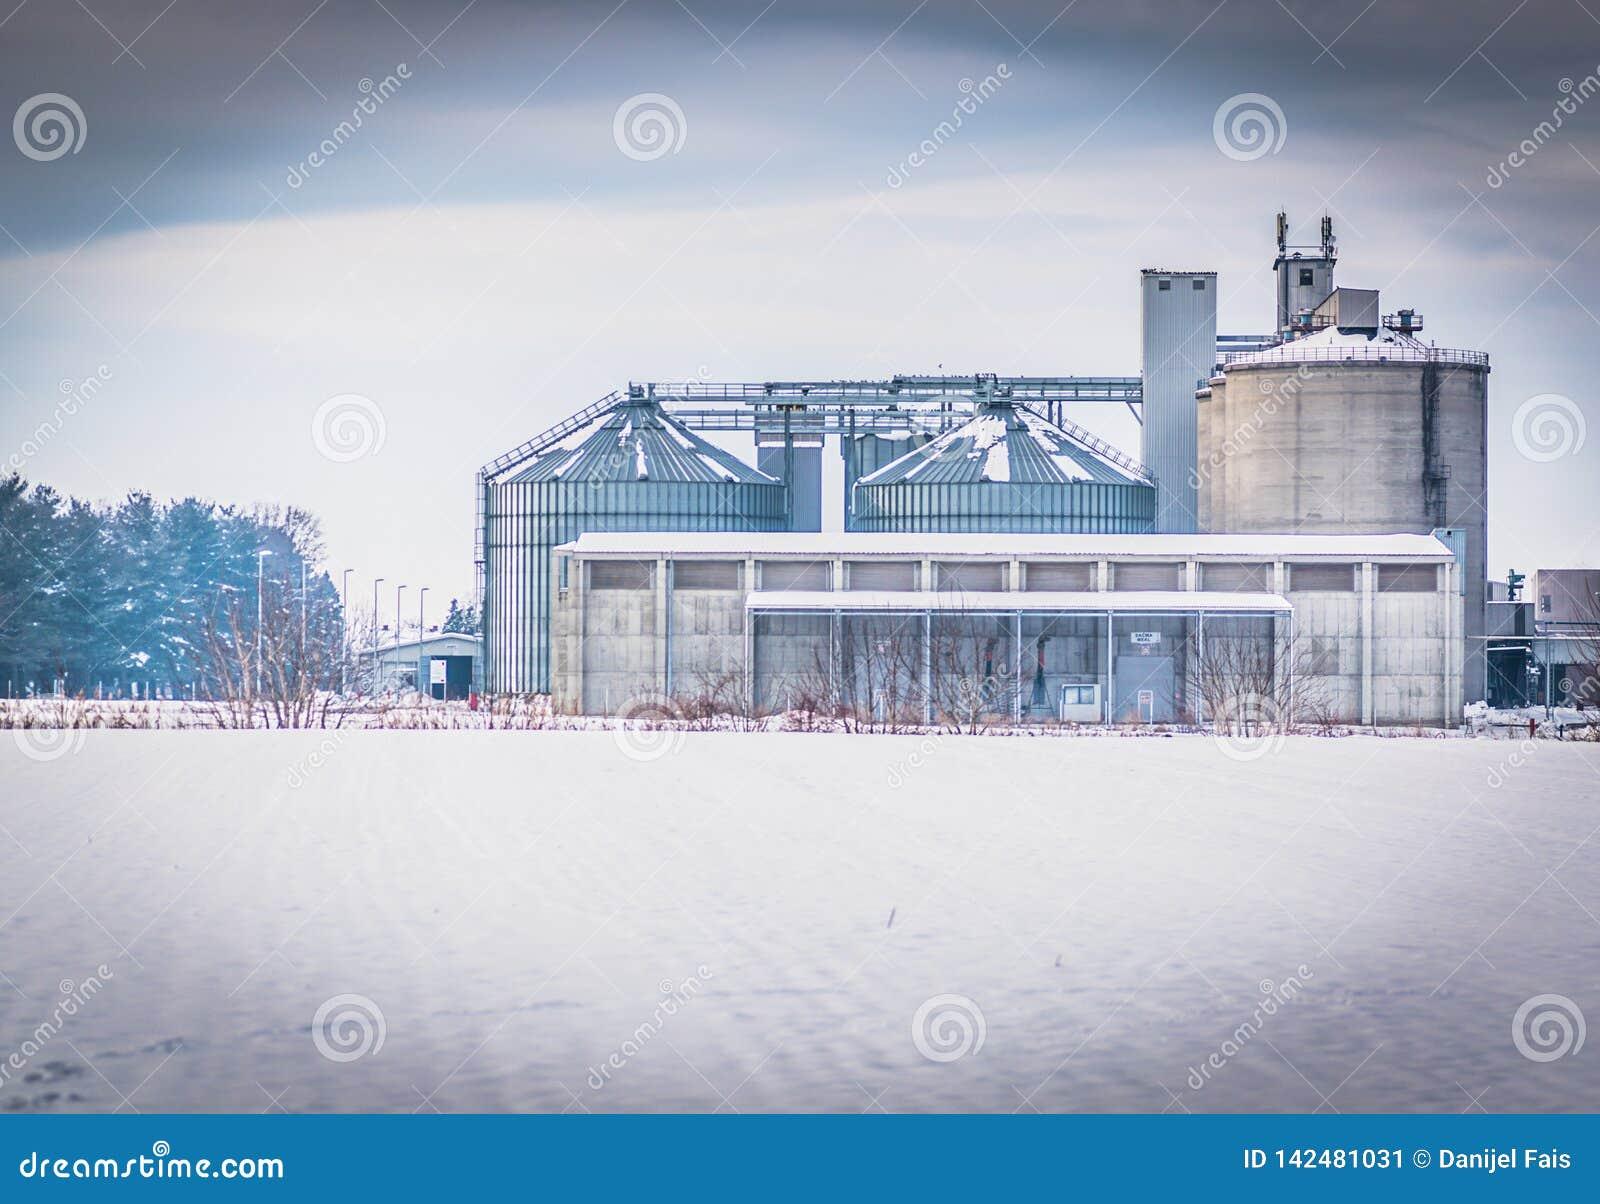 Weißes Bild des industy Komplexes, sunfloer Ölfabrik